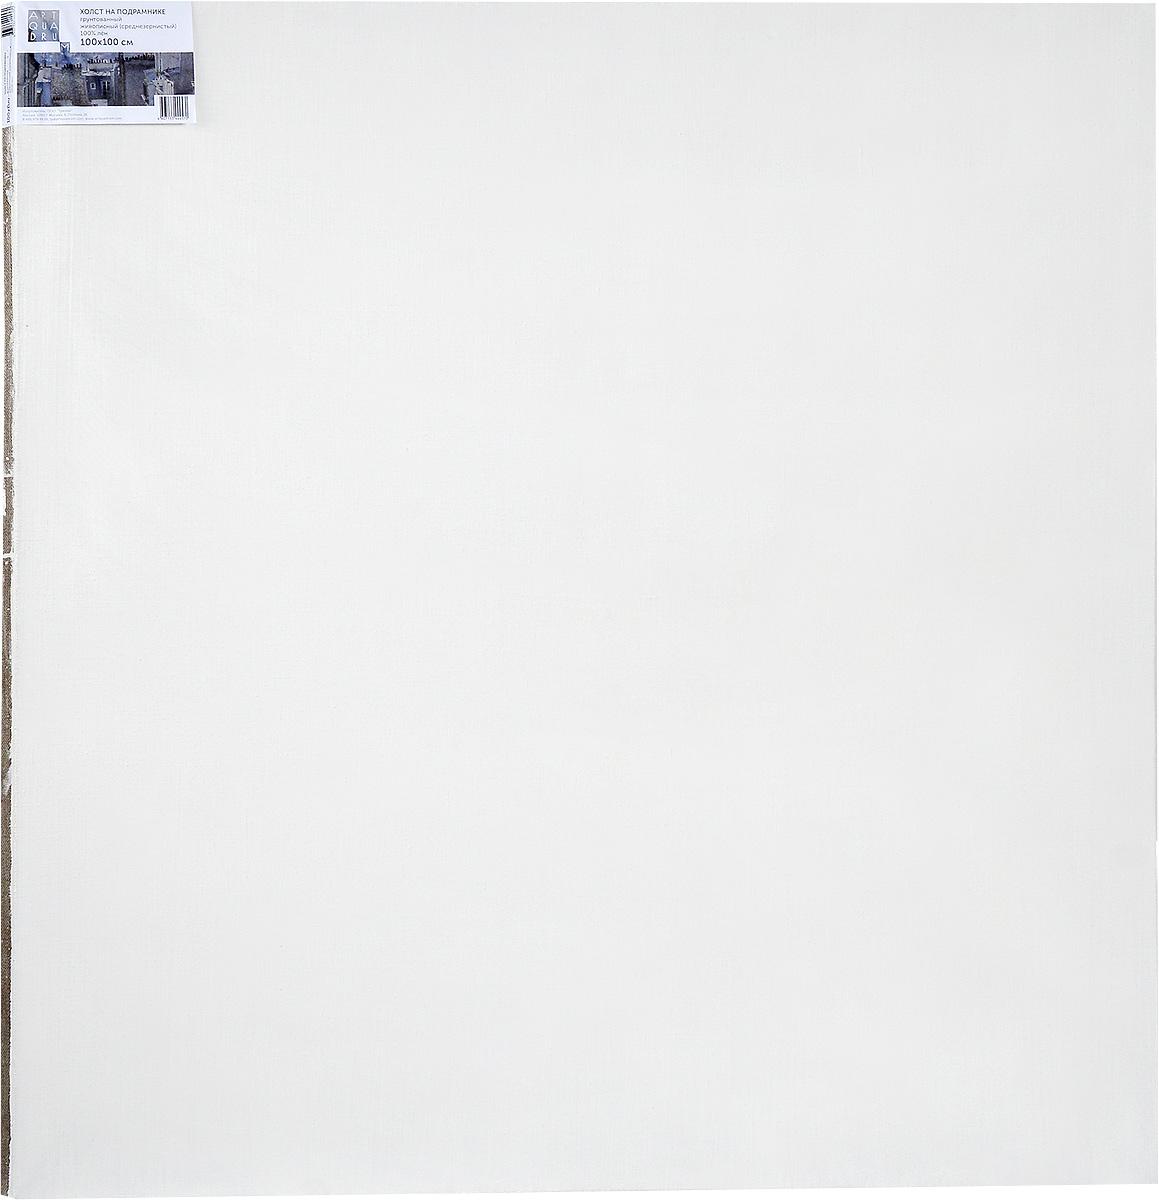 Холст ArtQuaDram Живописный на подрамнике, среднезернистый, грунтованный, 100 х 100 смТ0003768Холст на деревянном подрамнике ArtQuaDram Живописный изготовлен из 100% натурального льна. Подходит для профессионалов и художников. Холст не трескается, не впитывает слишком много краски, цвет краски и качество не изменяются. Холст идеально подходит для масляной и акриловой живописи.